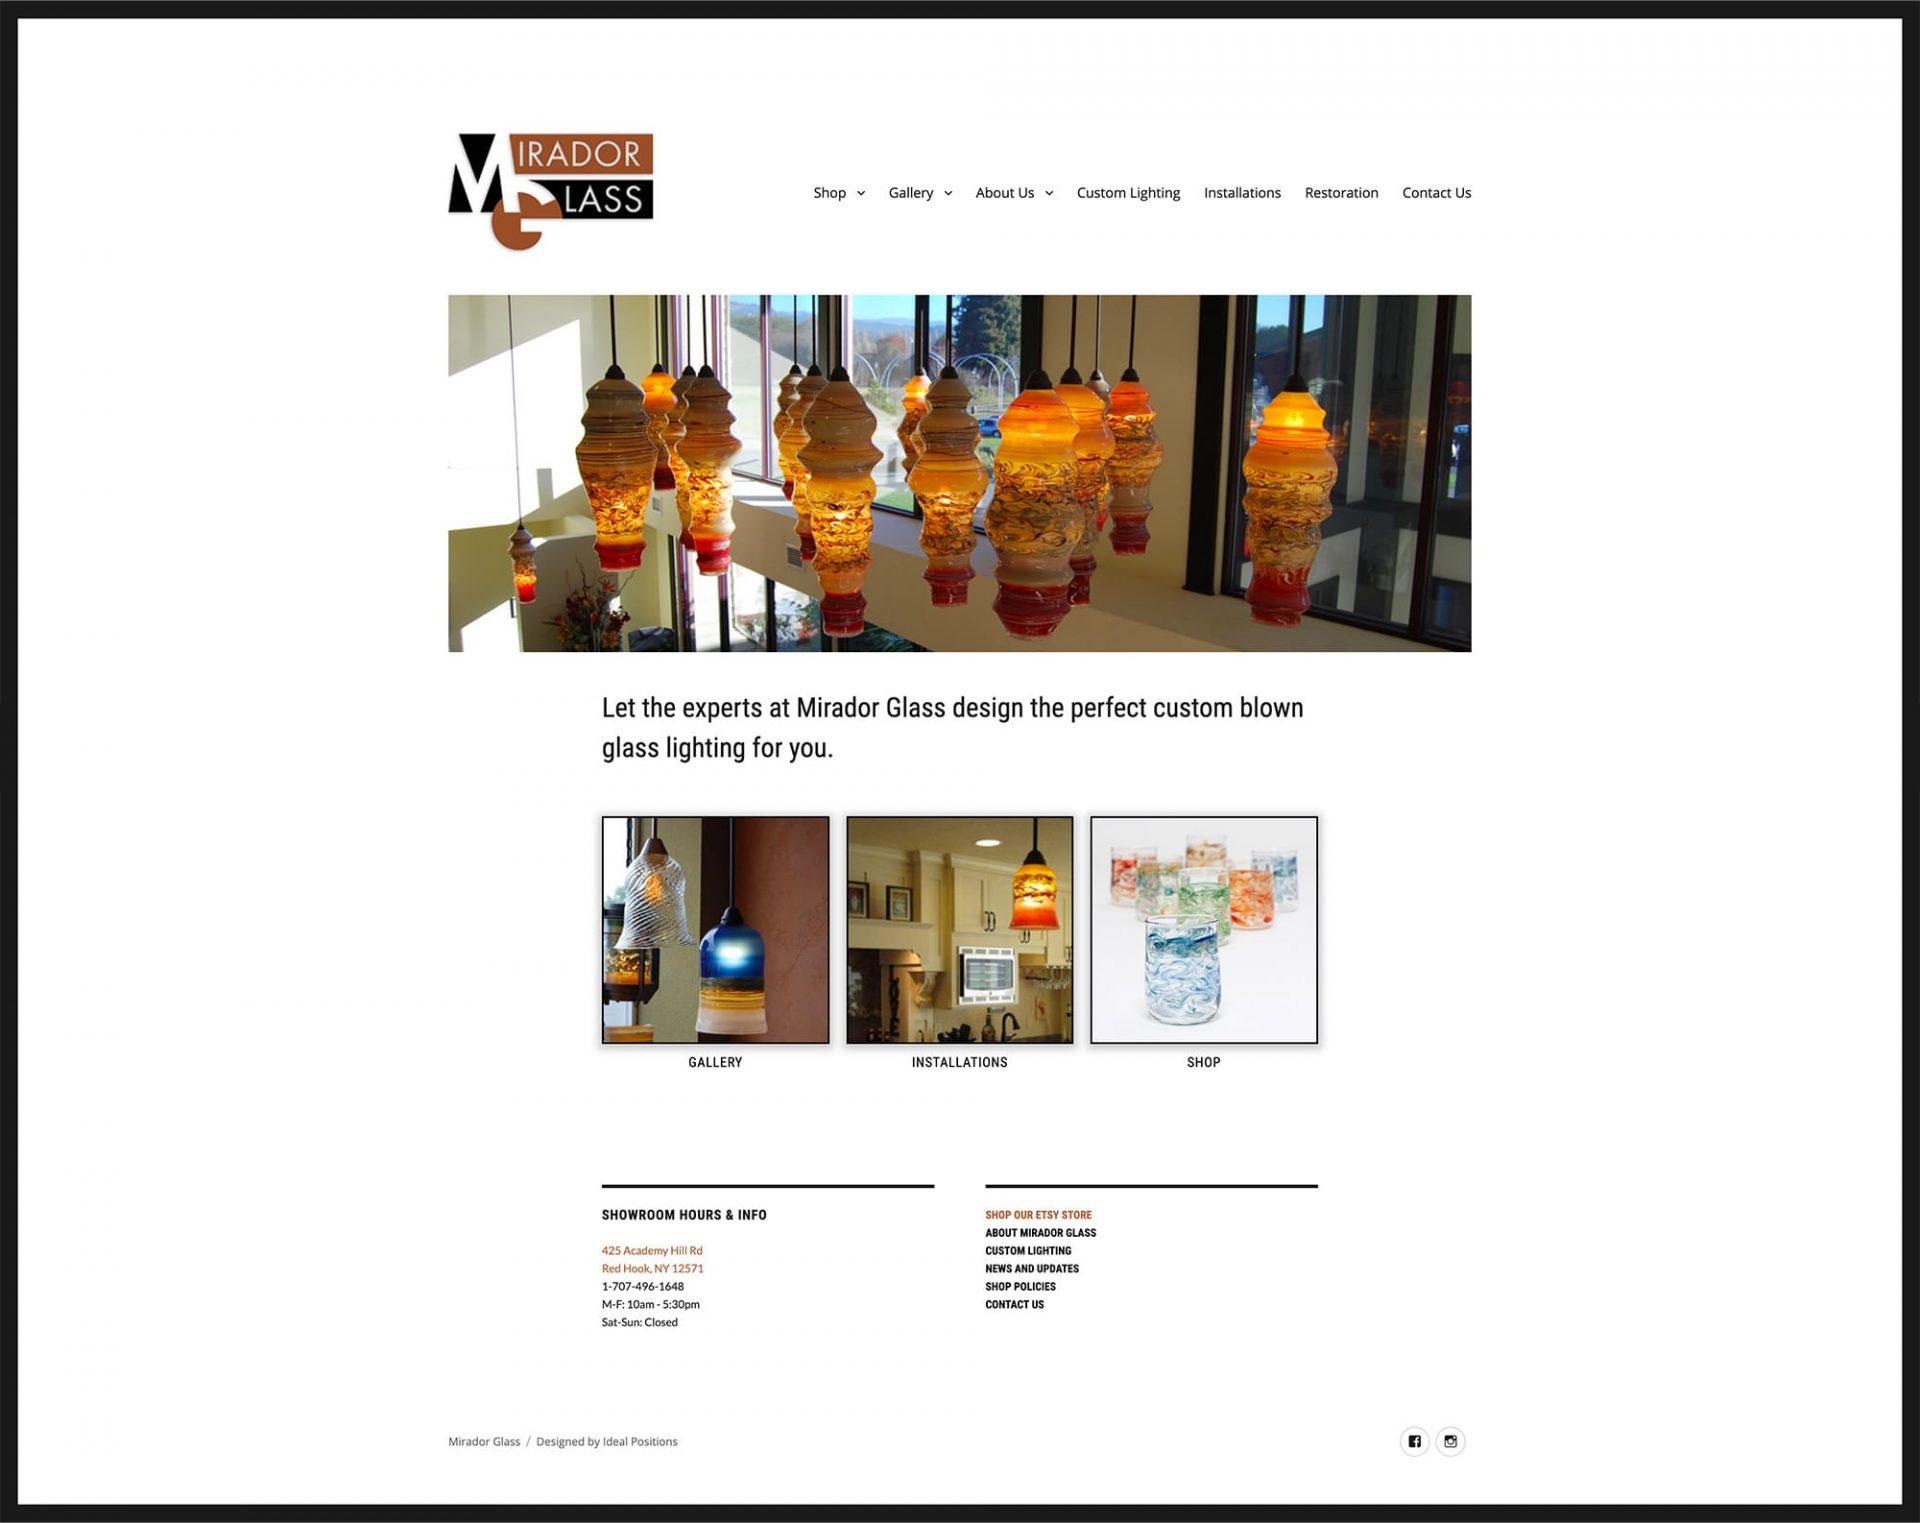 screenshot of website for local custom glass retailer